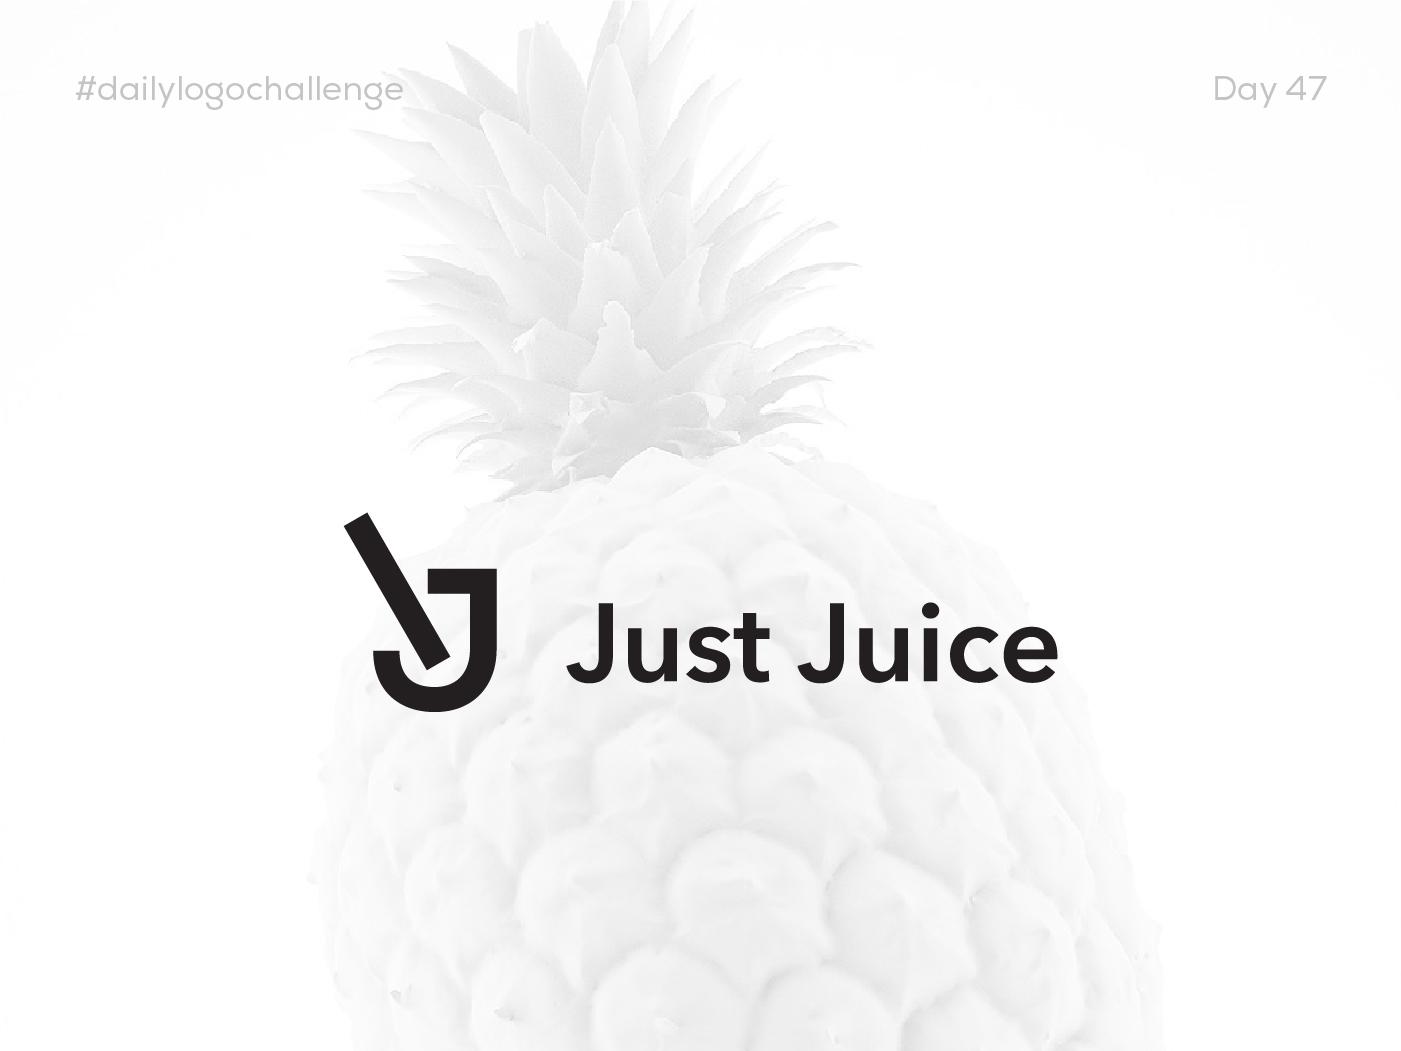 Dailychallenge Insta Shots Pt5 07 juice minimalist dailylogochallenge branding logo vector typography design mirasadesign mirasa